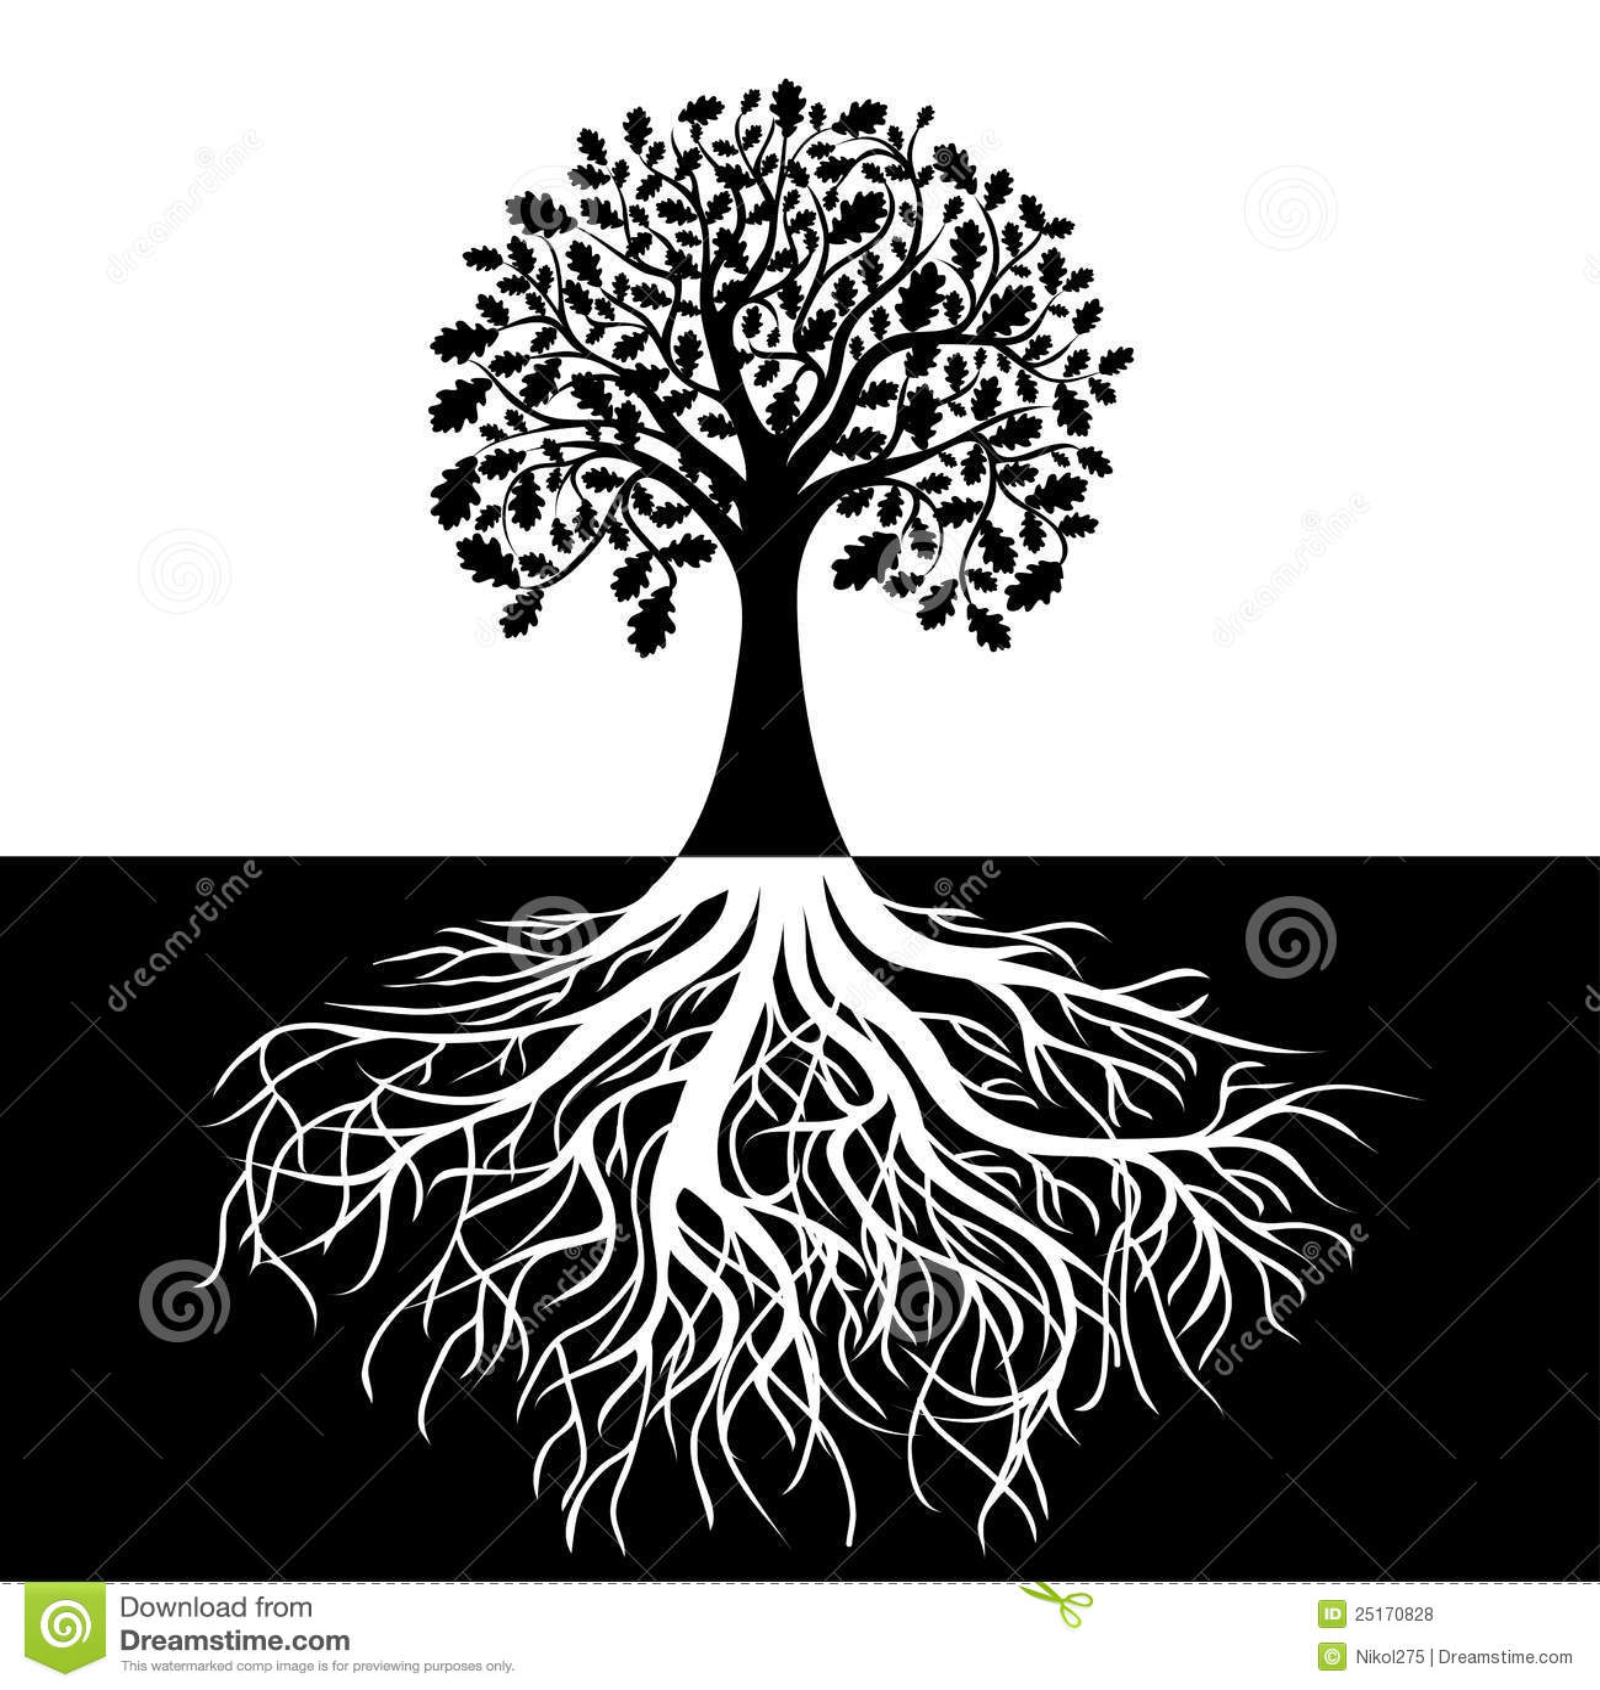 boom met wortels op zwartwitte achtergrond vector